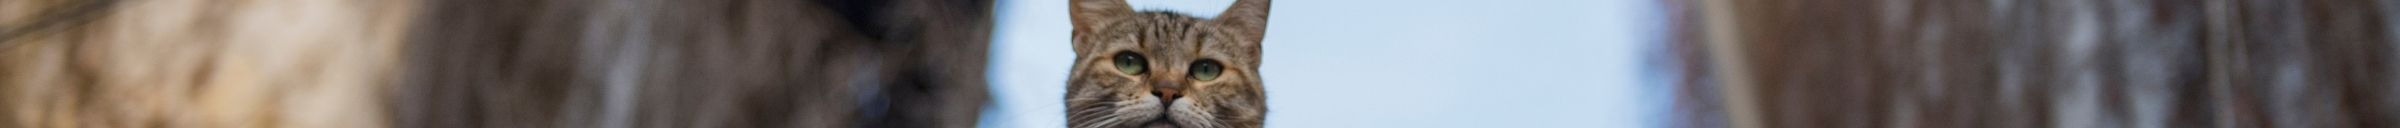 kintone ポータル スペース カバー画像(猫シリーズ)155